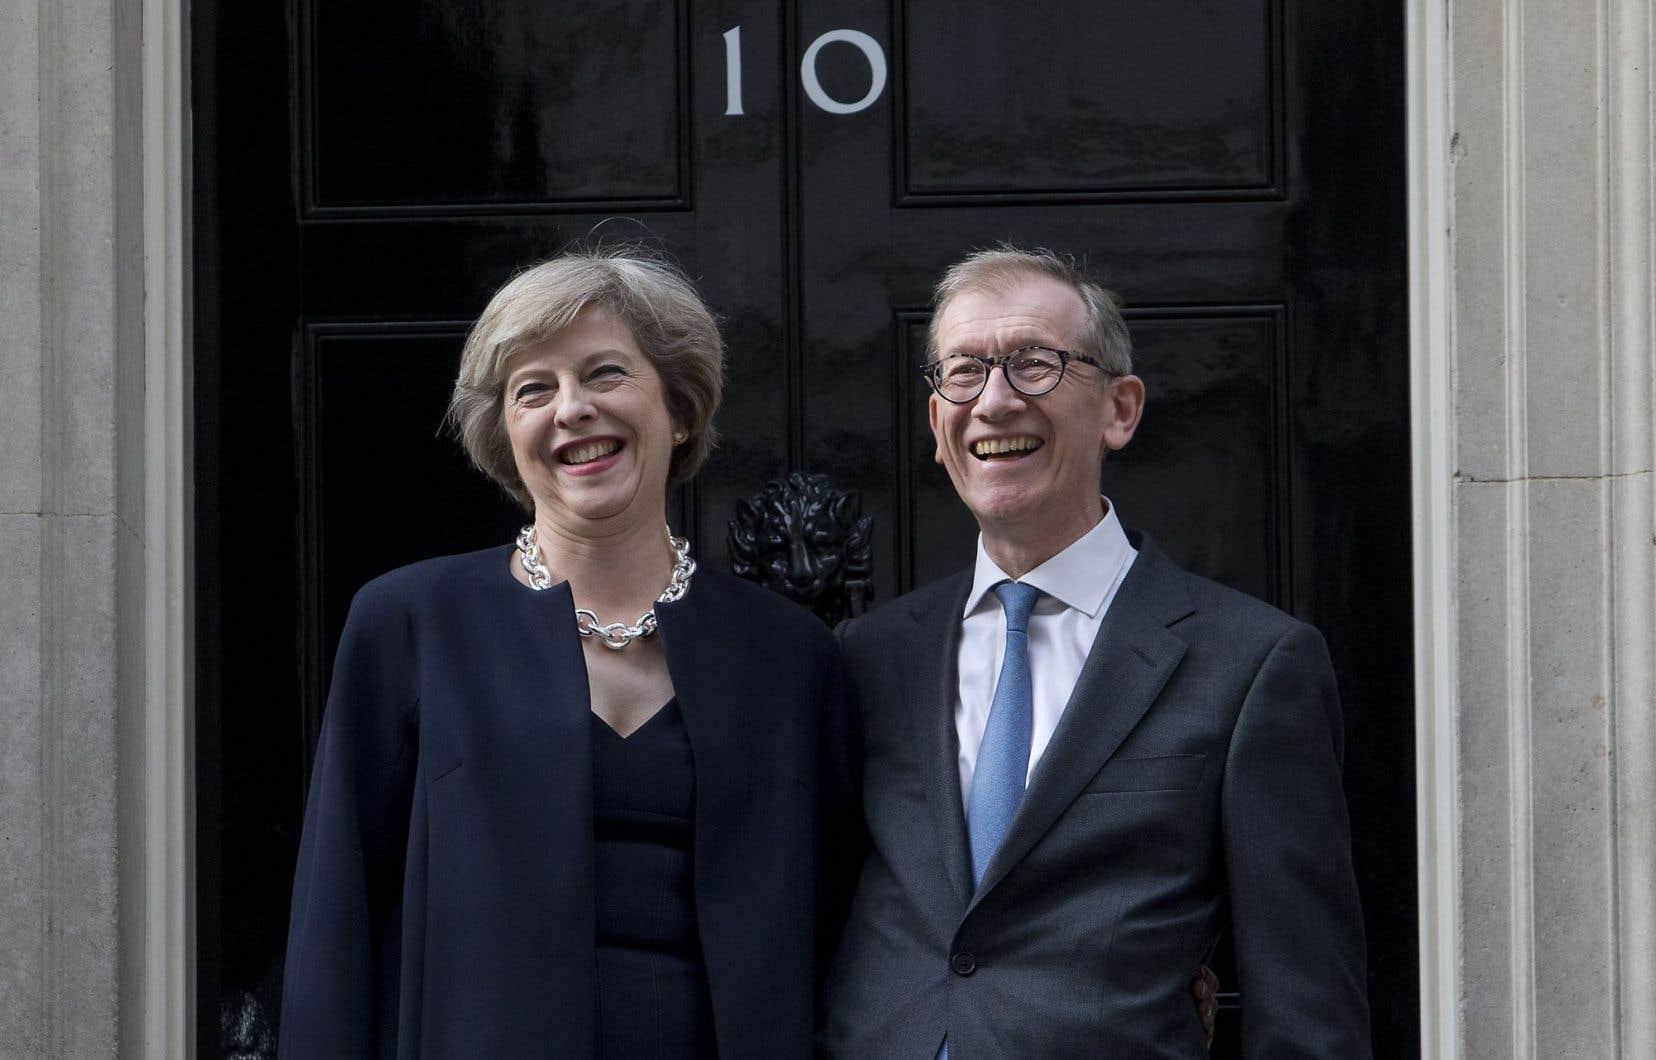 Theresa May, en compagnie de son mari, a nommé Boris Johnson ministre des Affaires étrangères et David Davis, ministre du Brexit.